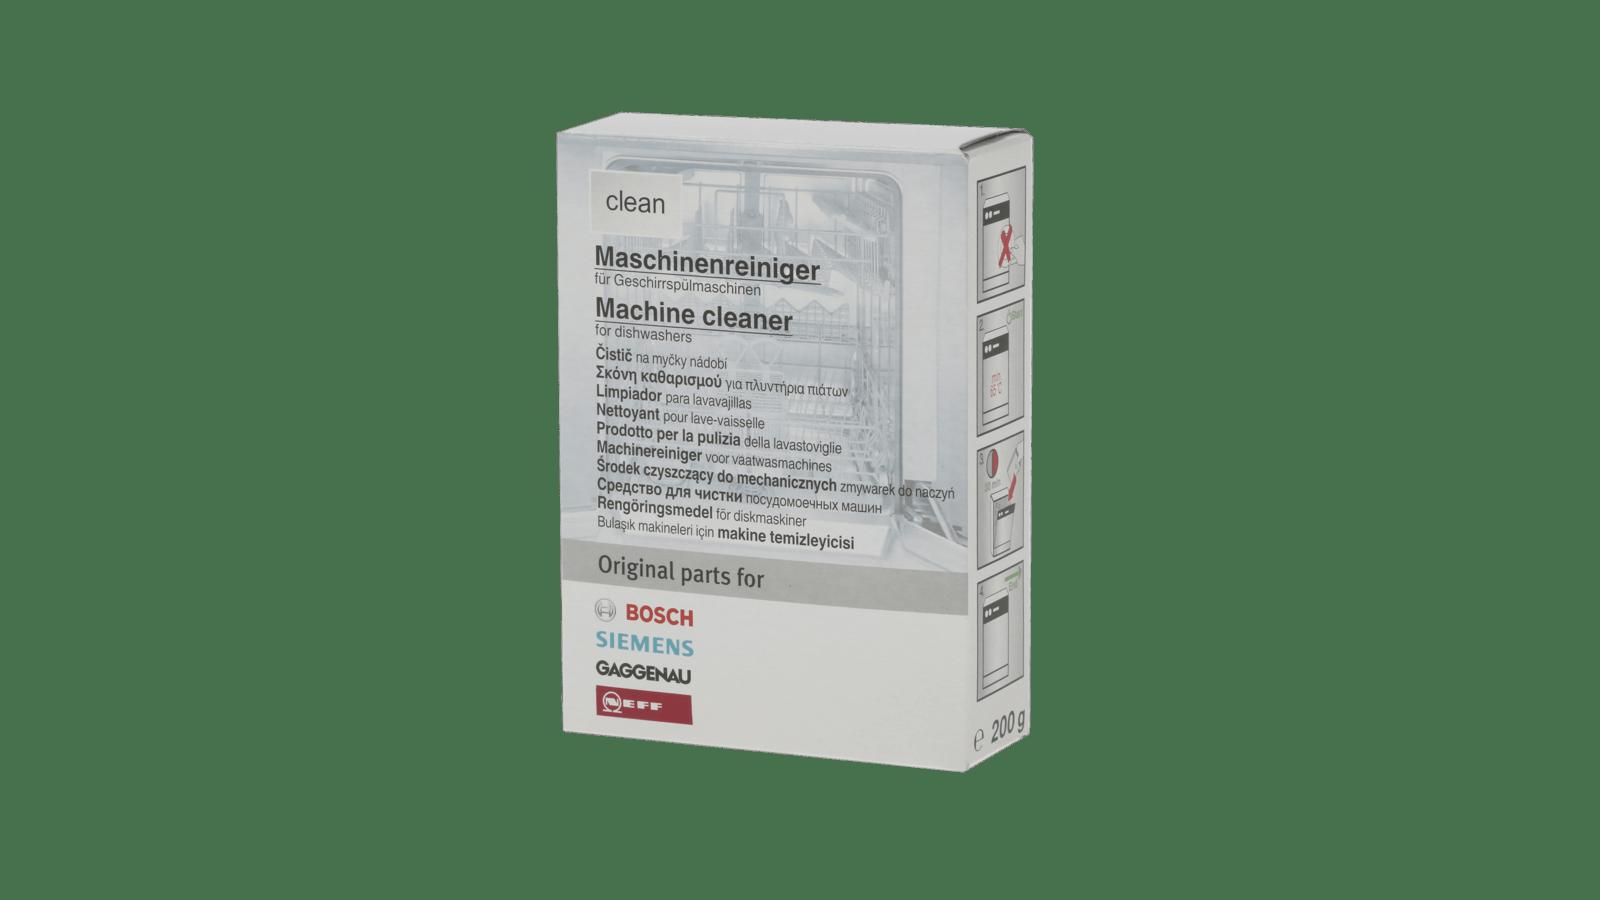 Bosch Siemens Neff Reiniger Spülmaschinen Geschirrspüler Clean 311313 00311313